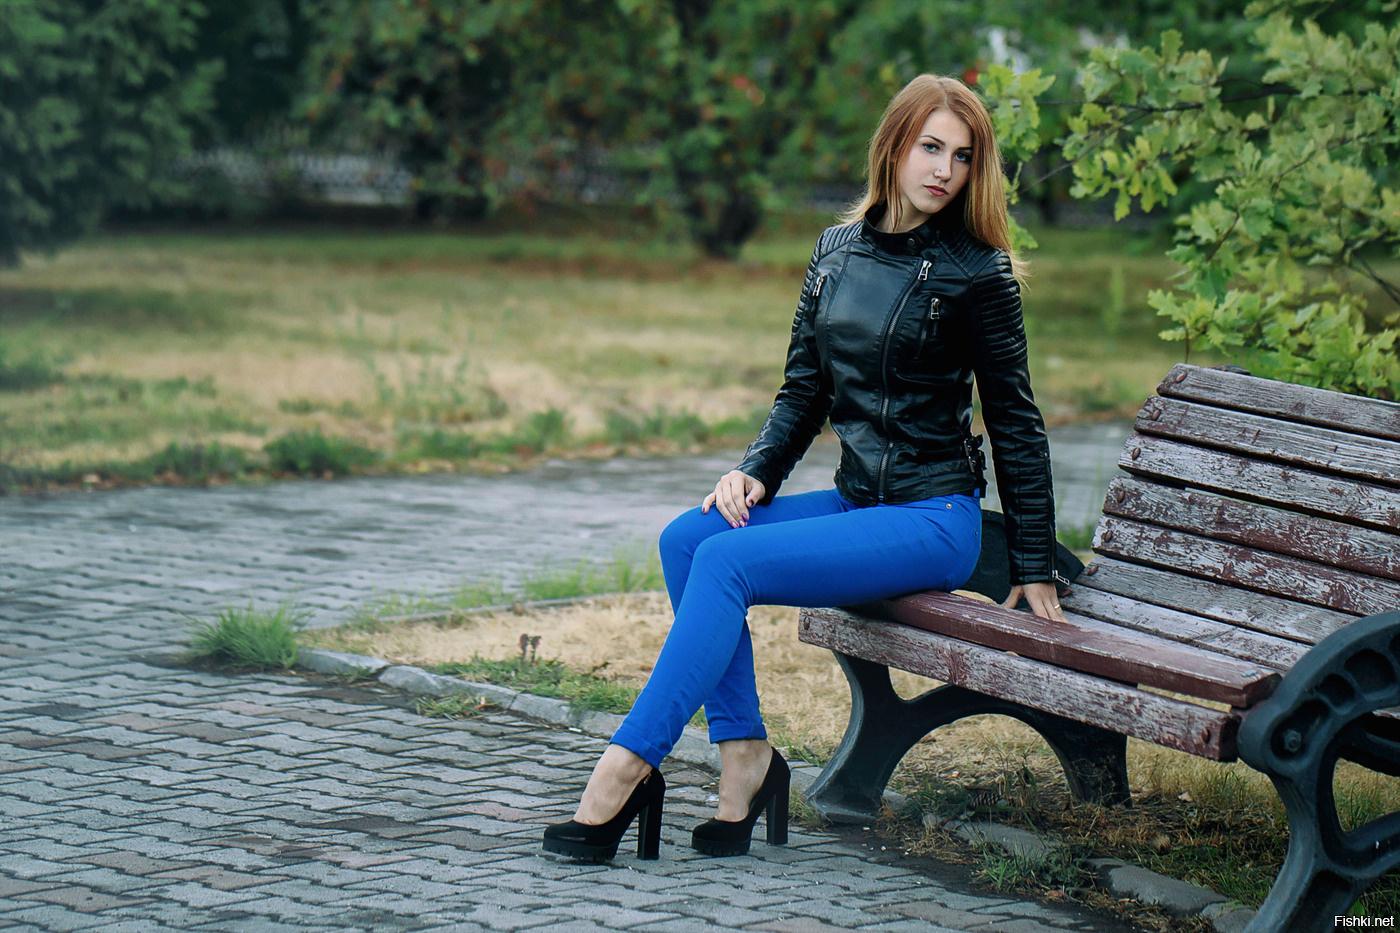 Русские лесби телочки на лавочке фантастика ебля девушка